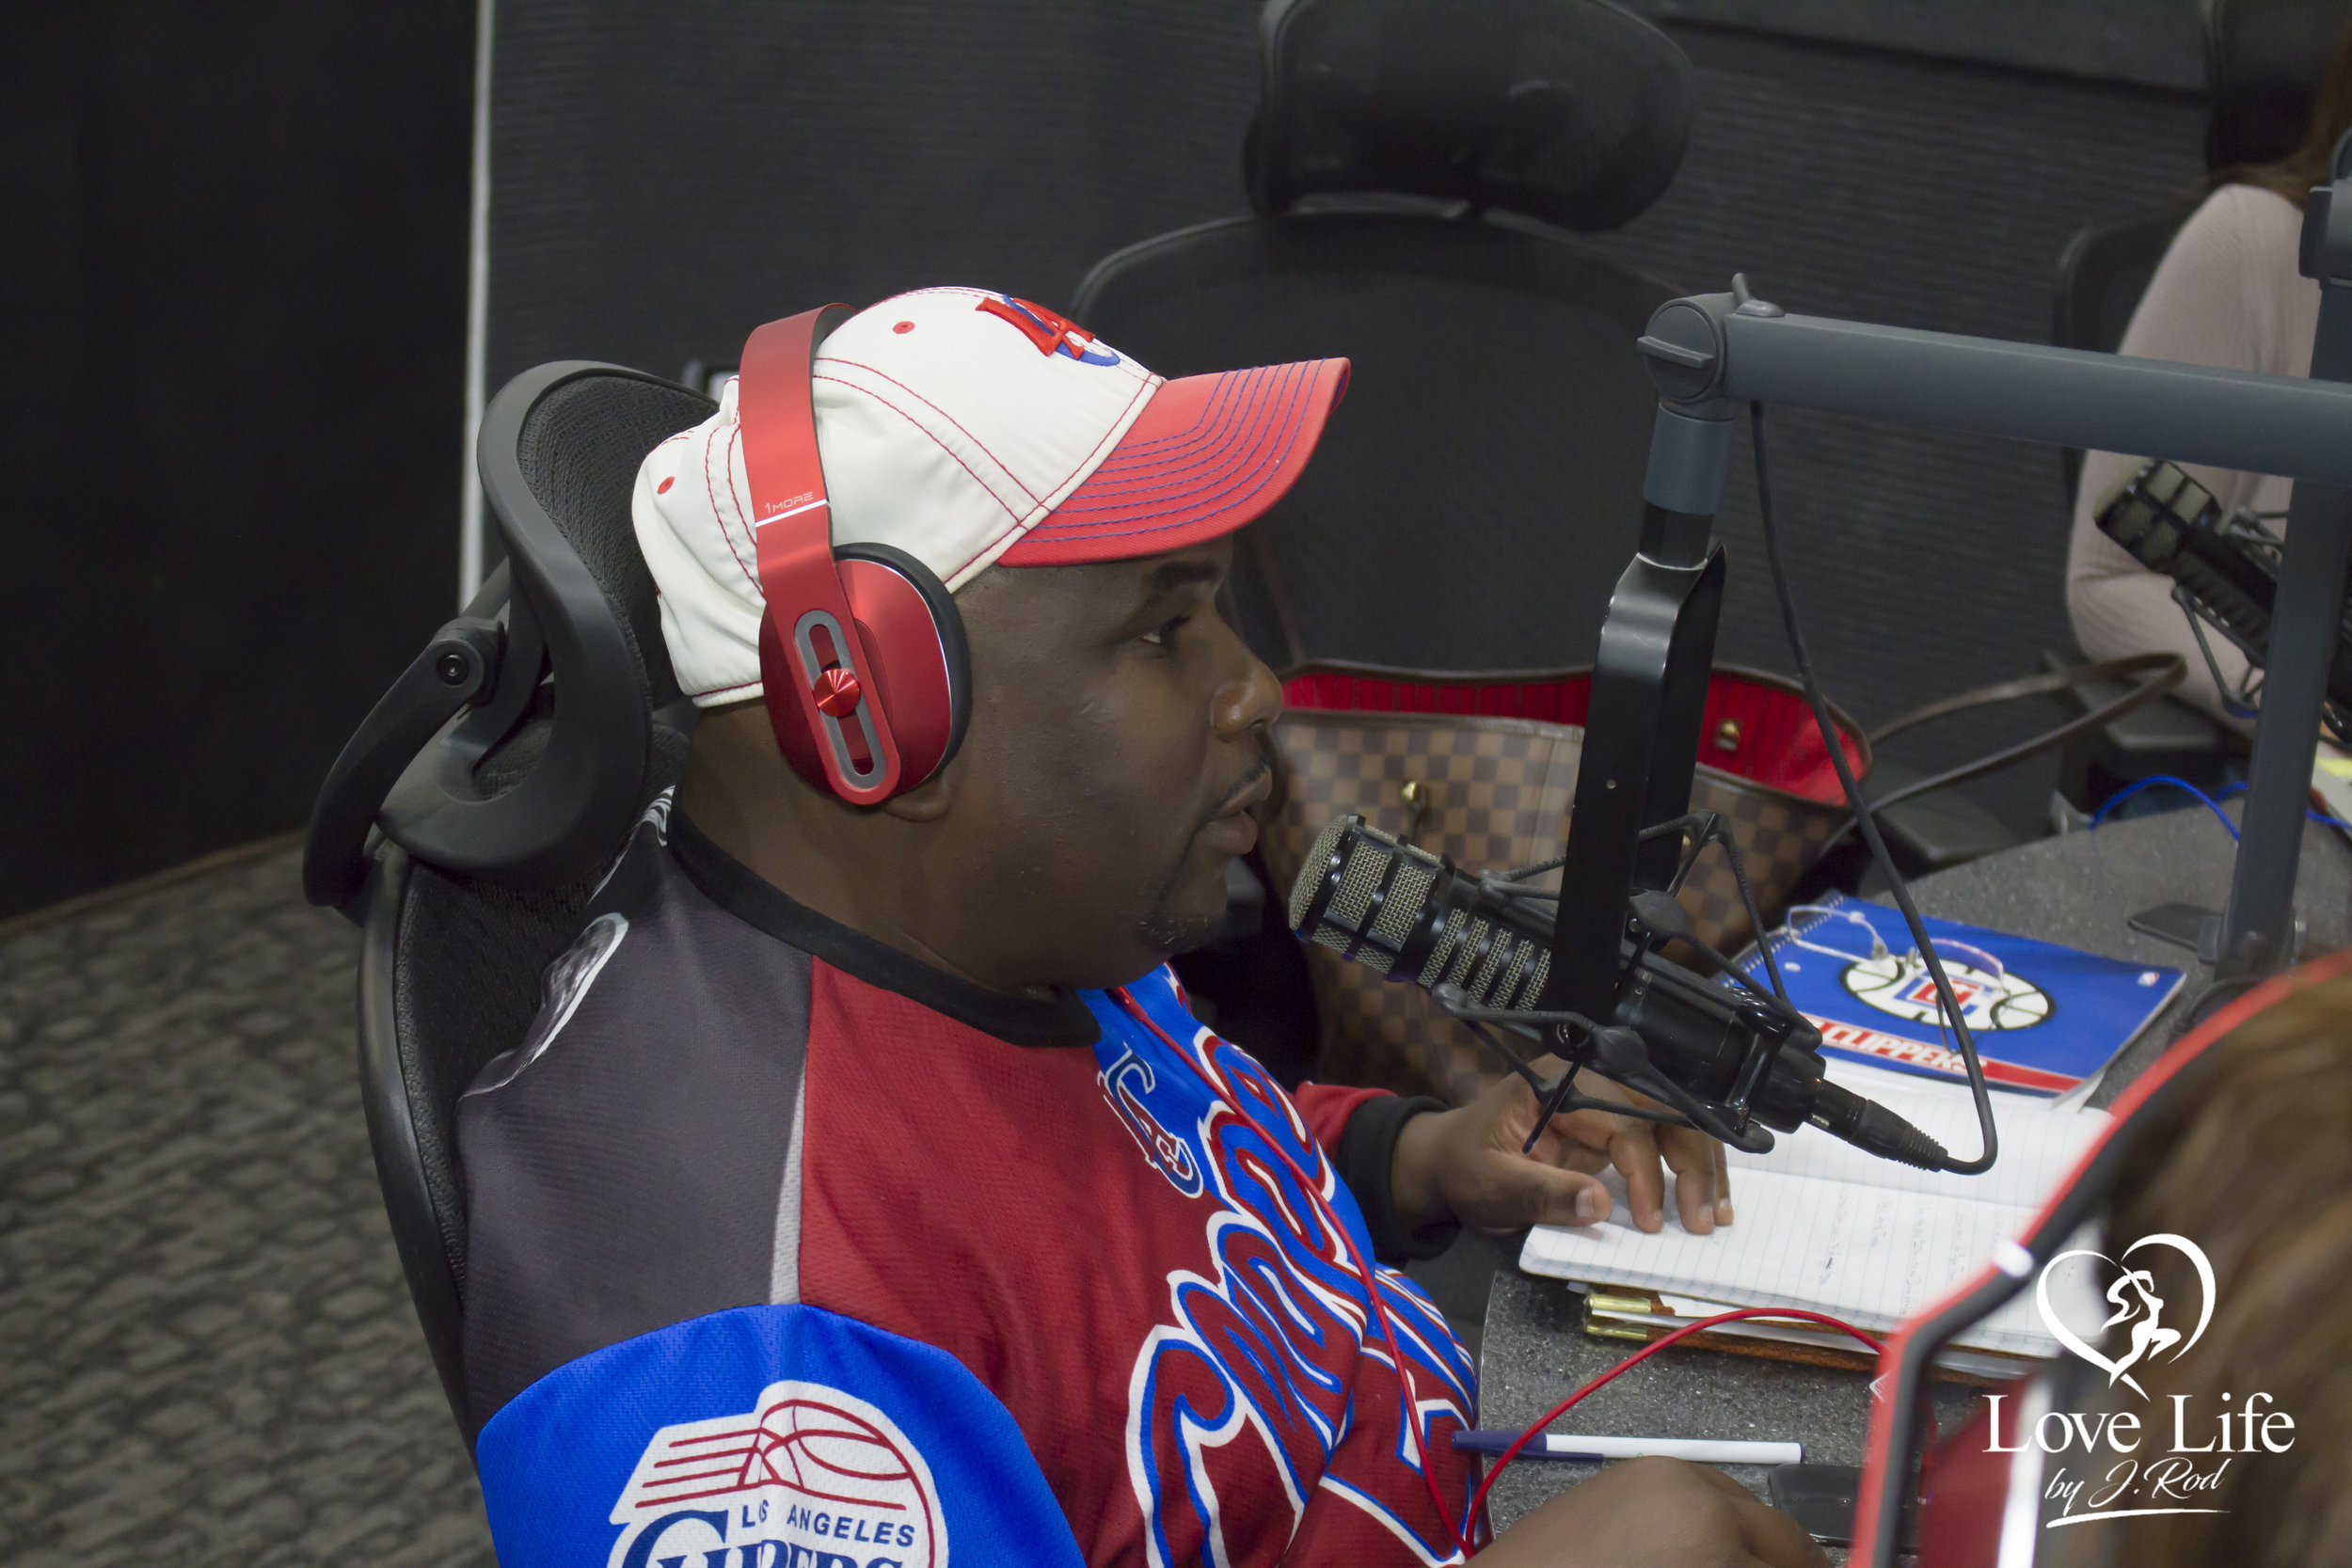 Janet Rodriquez On The Clipper Darrel Fan Truth Show 10-14-17_3.jpg